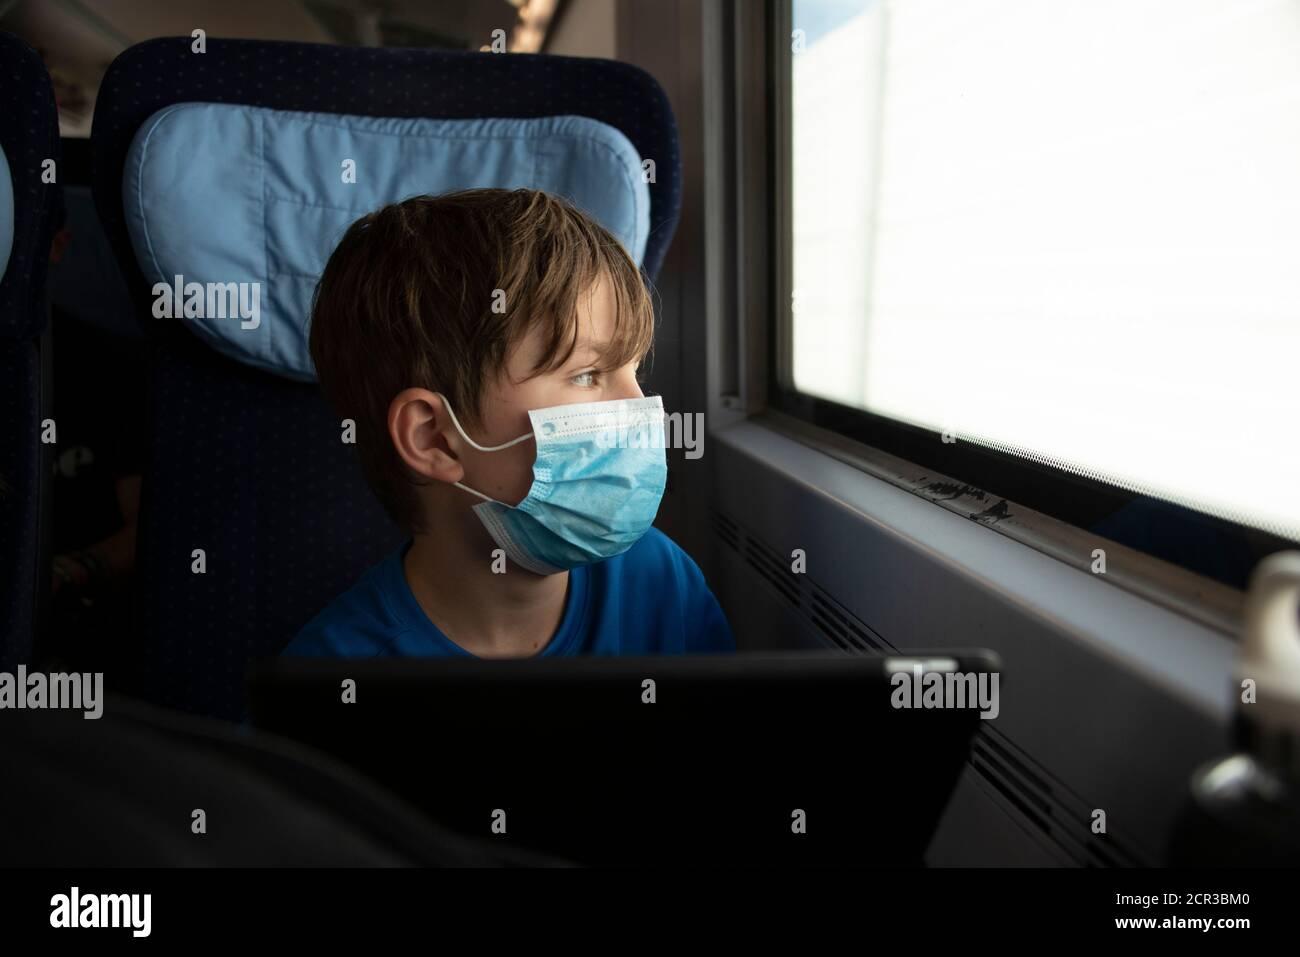 Boy sitzt in einem Zug mit Maske, Atemschutzmaske, medizinischer Maske, Mund- und Nasenschutz Stockfoto